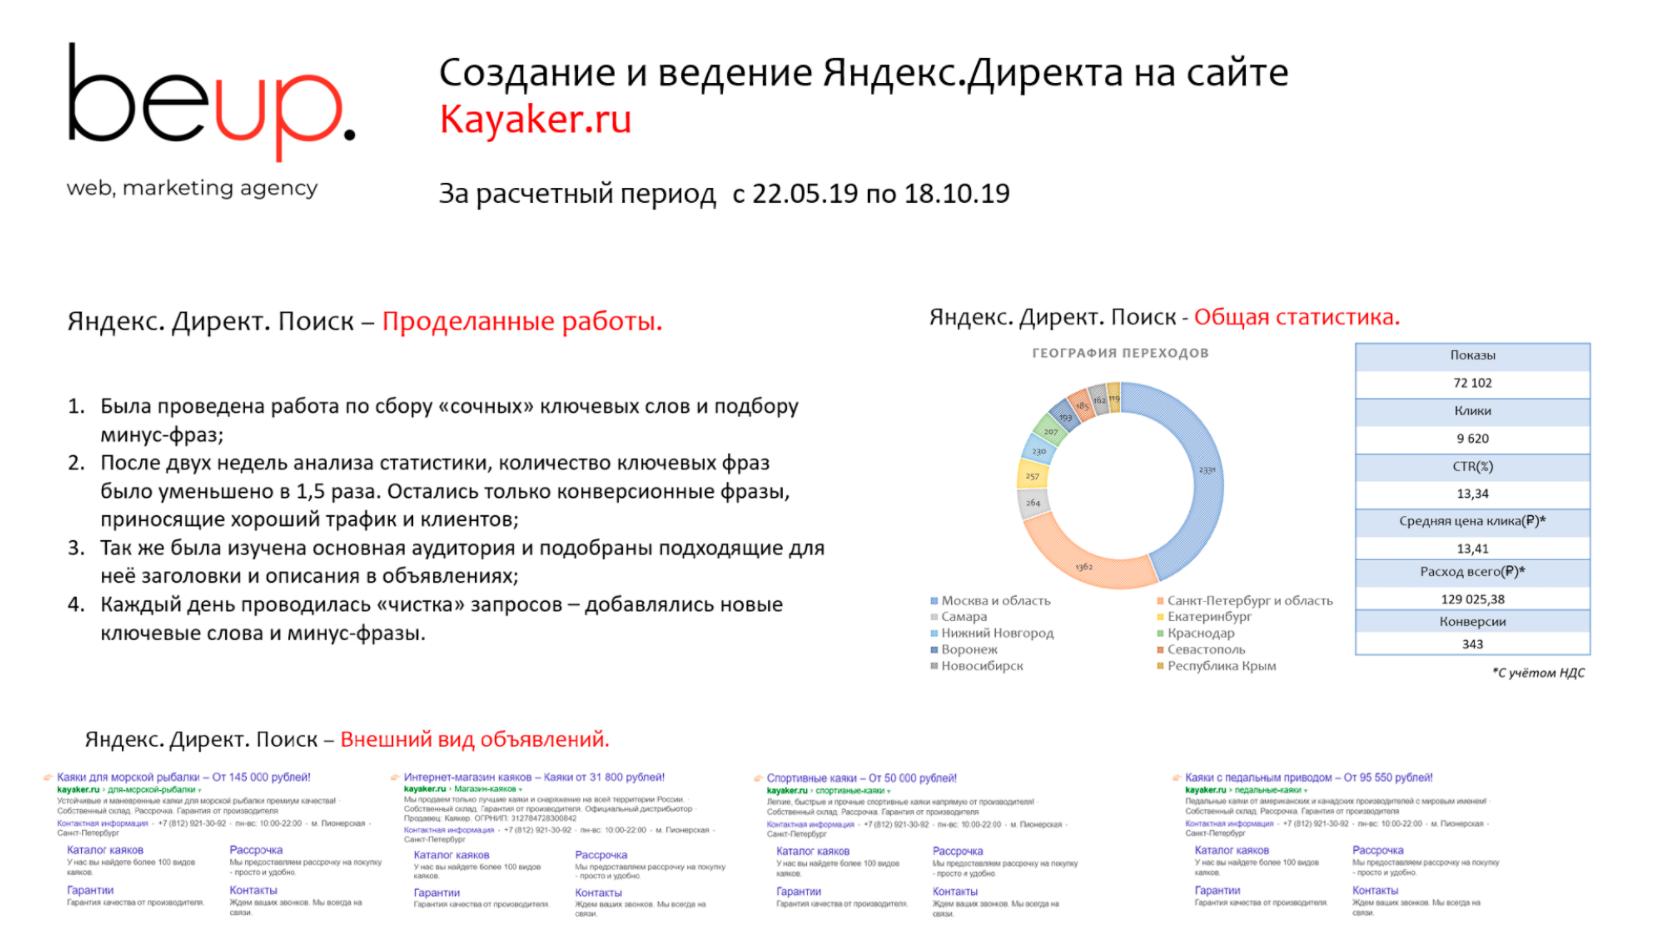 Создание и ведение Яндекс.Директа на сайте kayaker.ru